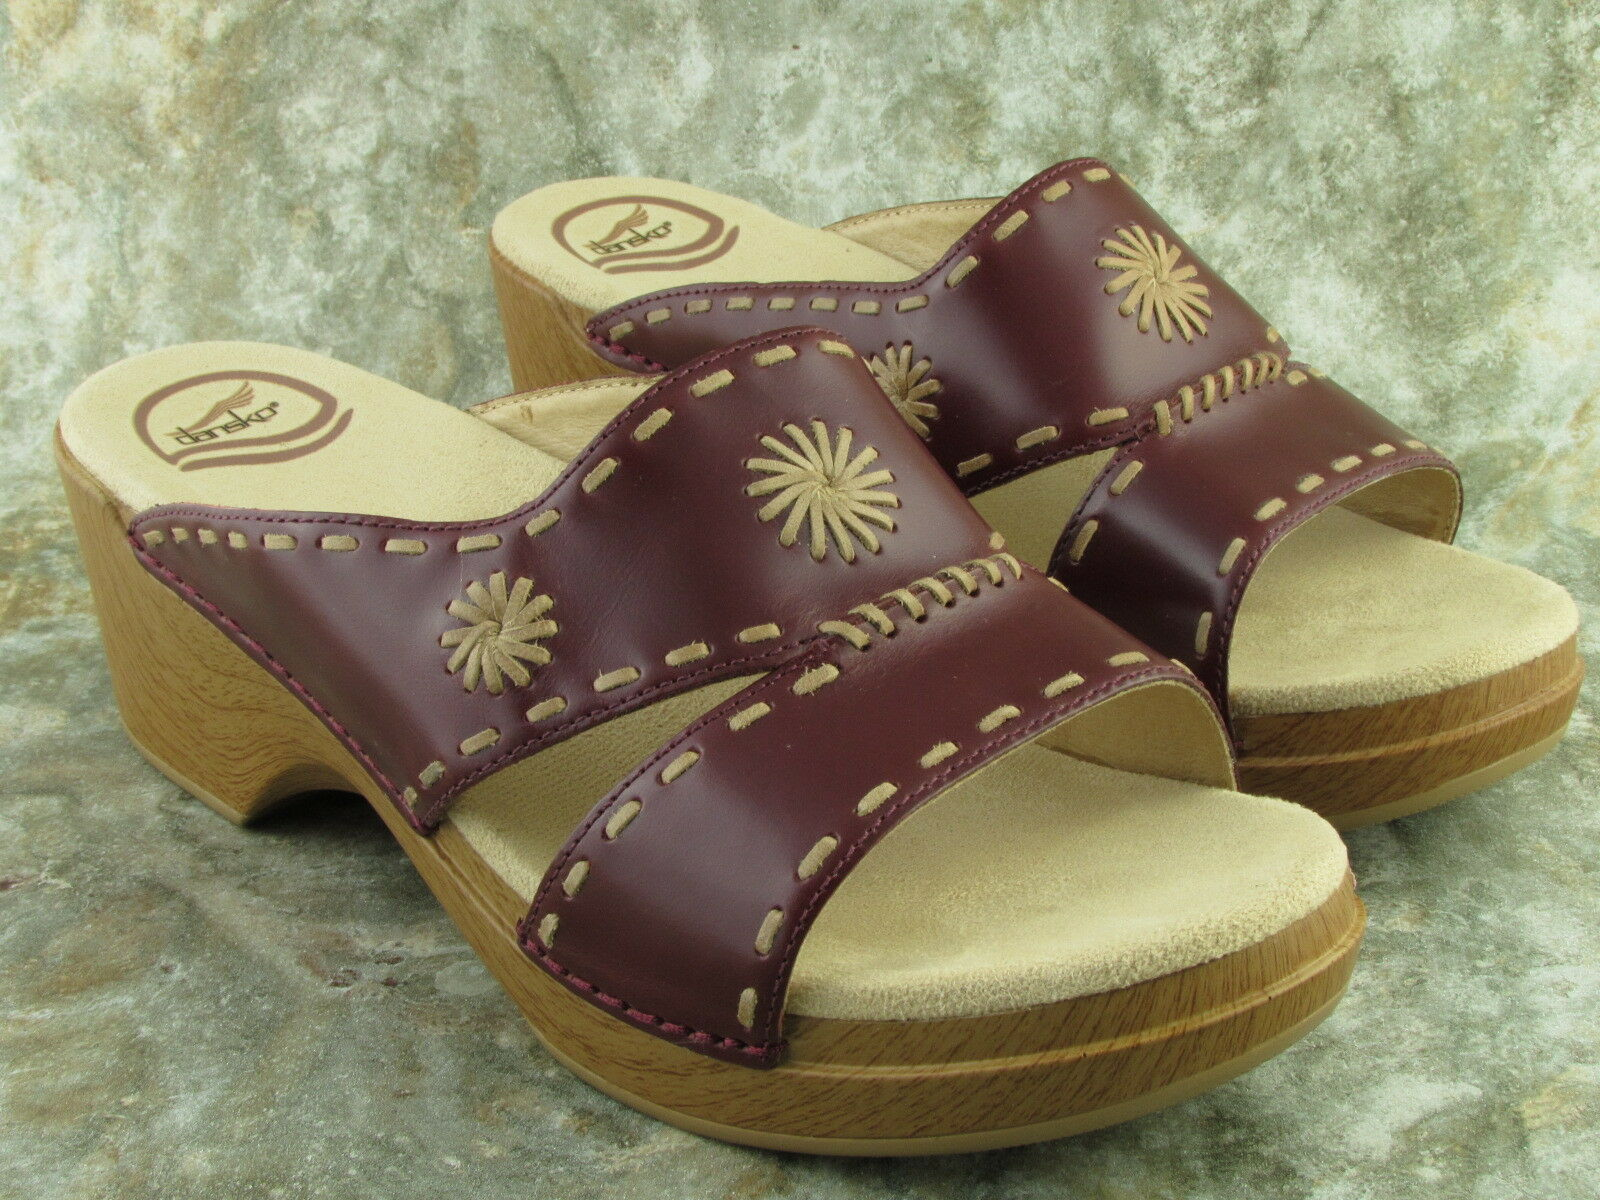 DANSKO Dark Red Leather Sandal Slides Slip On Shoe Womens Size US 10.5/11